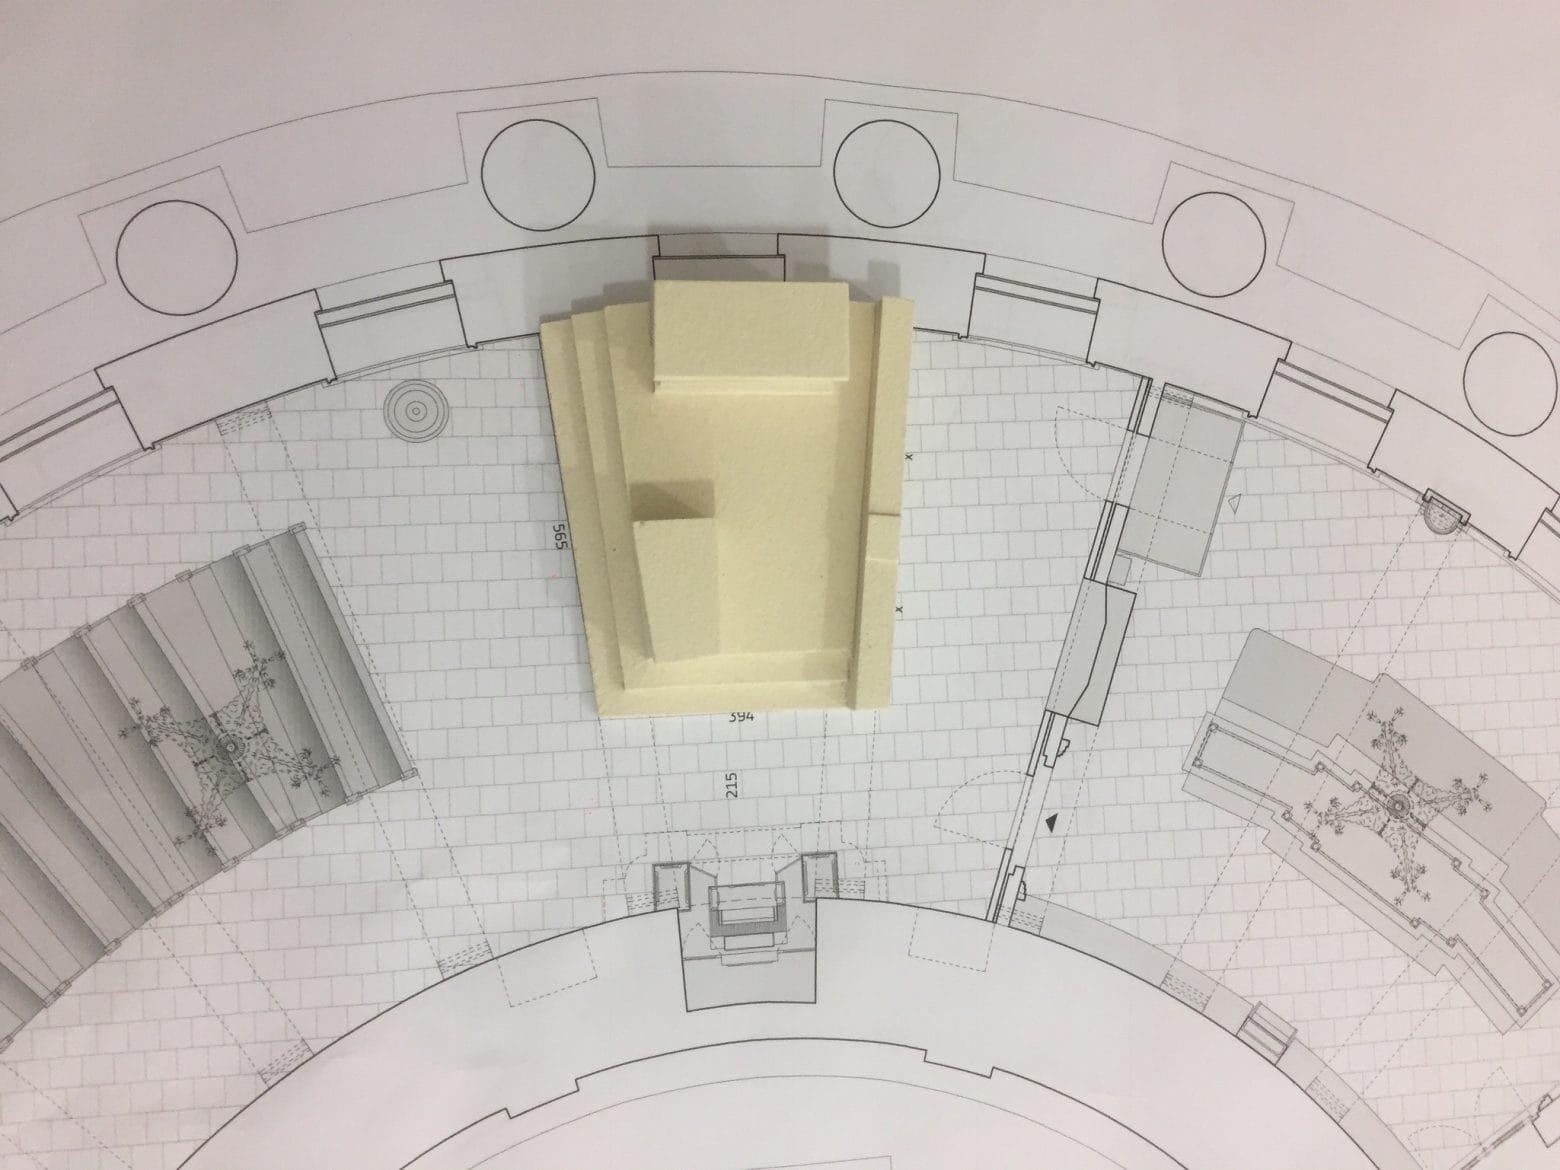 bazilika_szent_jobb_kapolna_modell-alaprajz-1